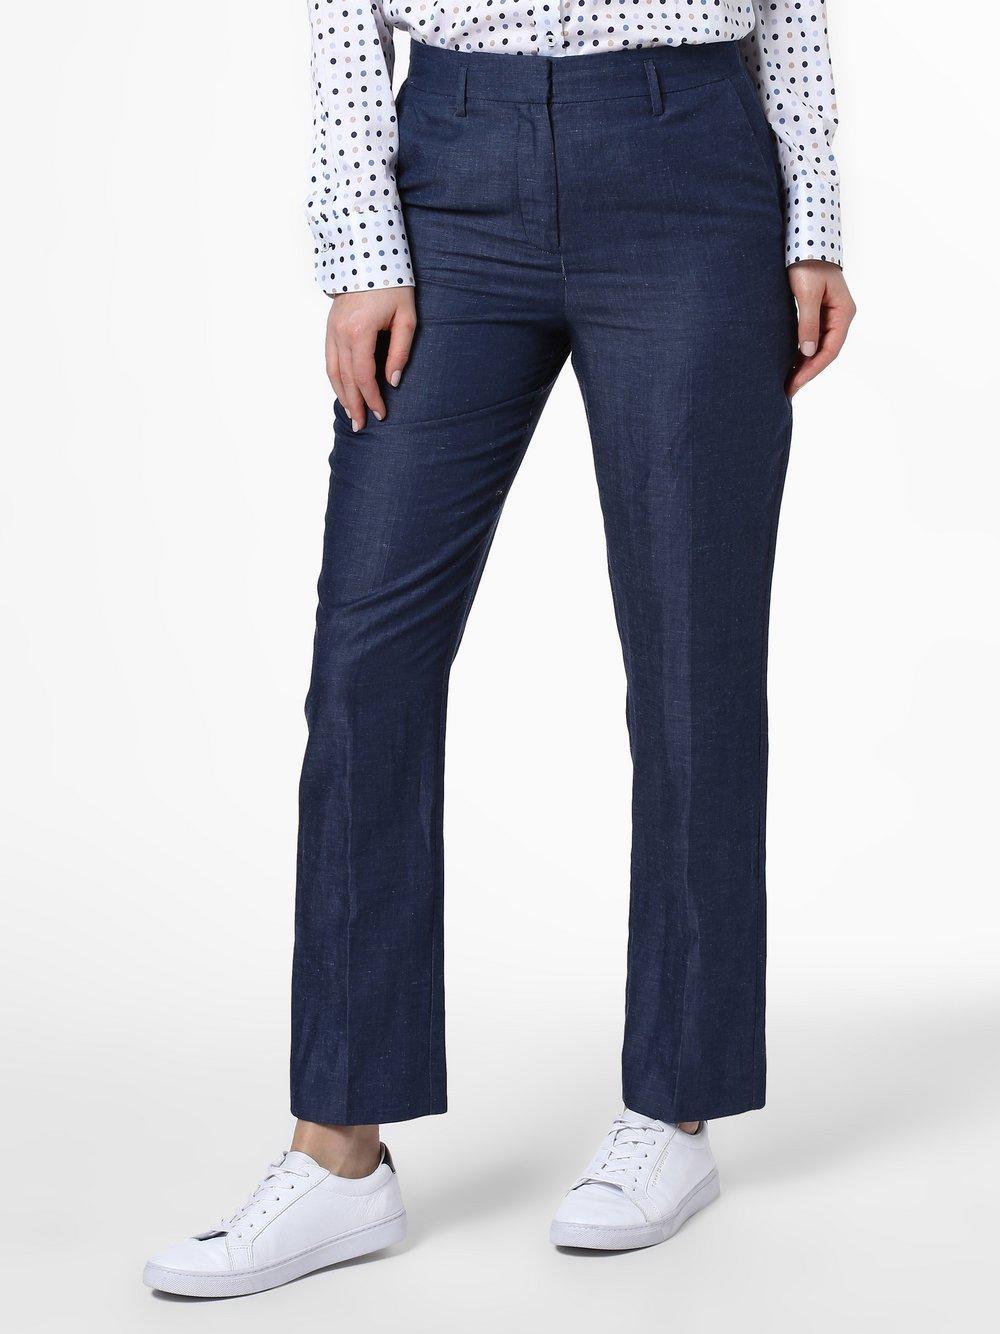 IPURI - Spodnie damskie z dodatkiem lnu, niebieski